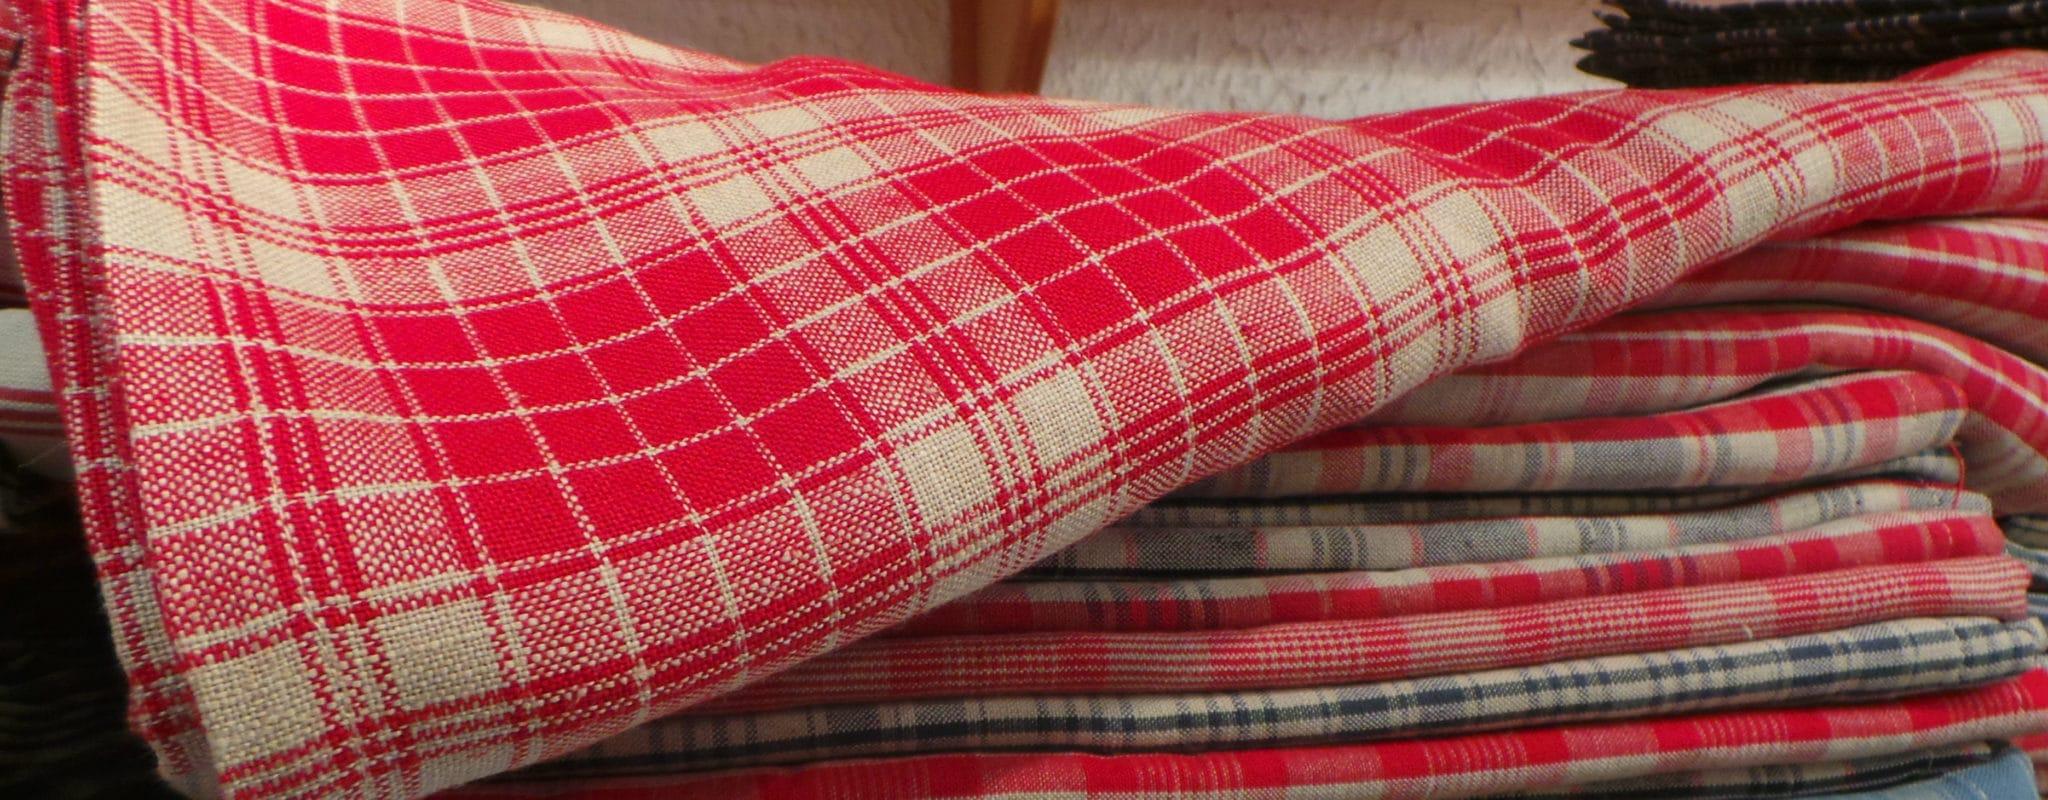 Comment le tissu traditionnel alsacien, le kelsch, a frôlé l'extinction